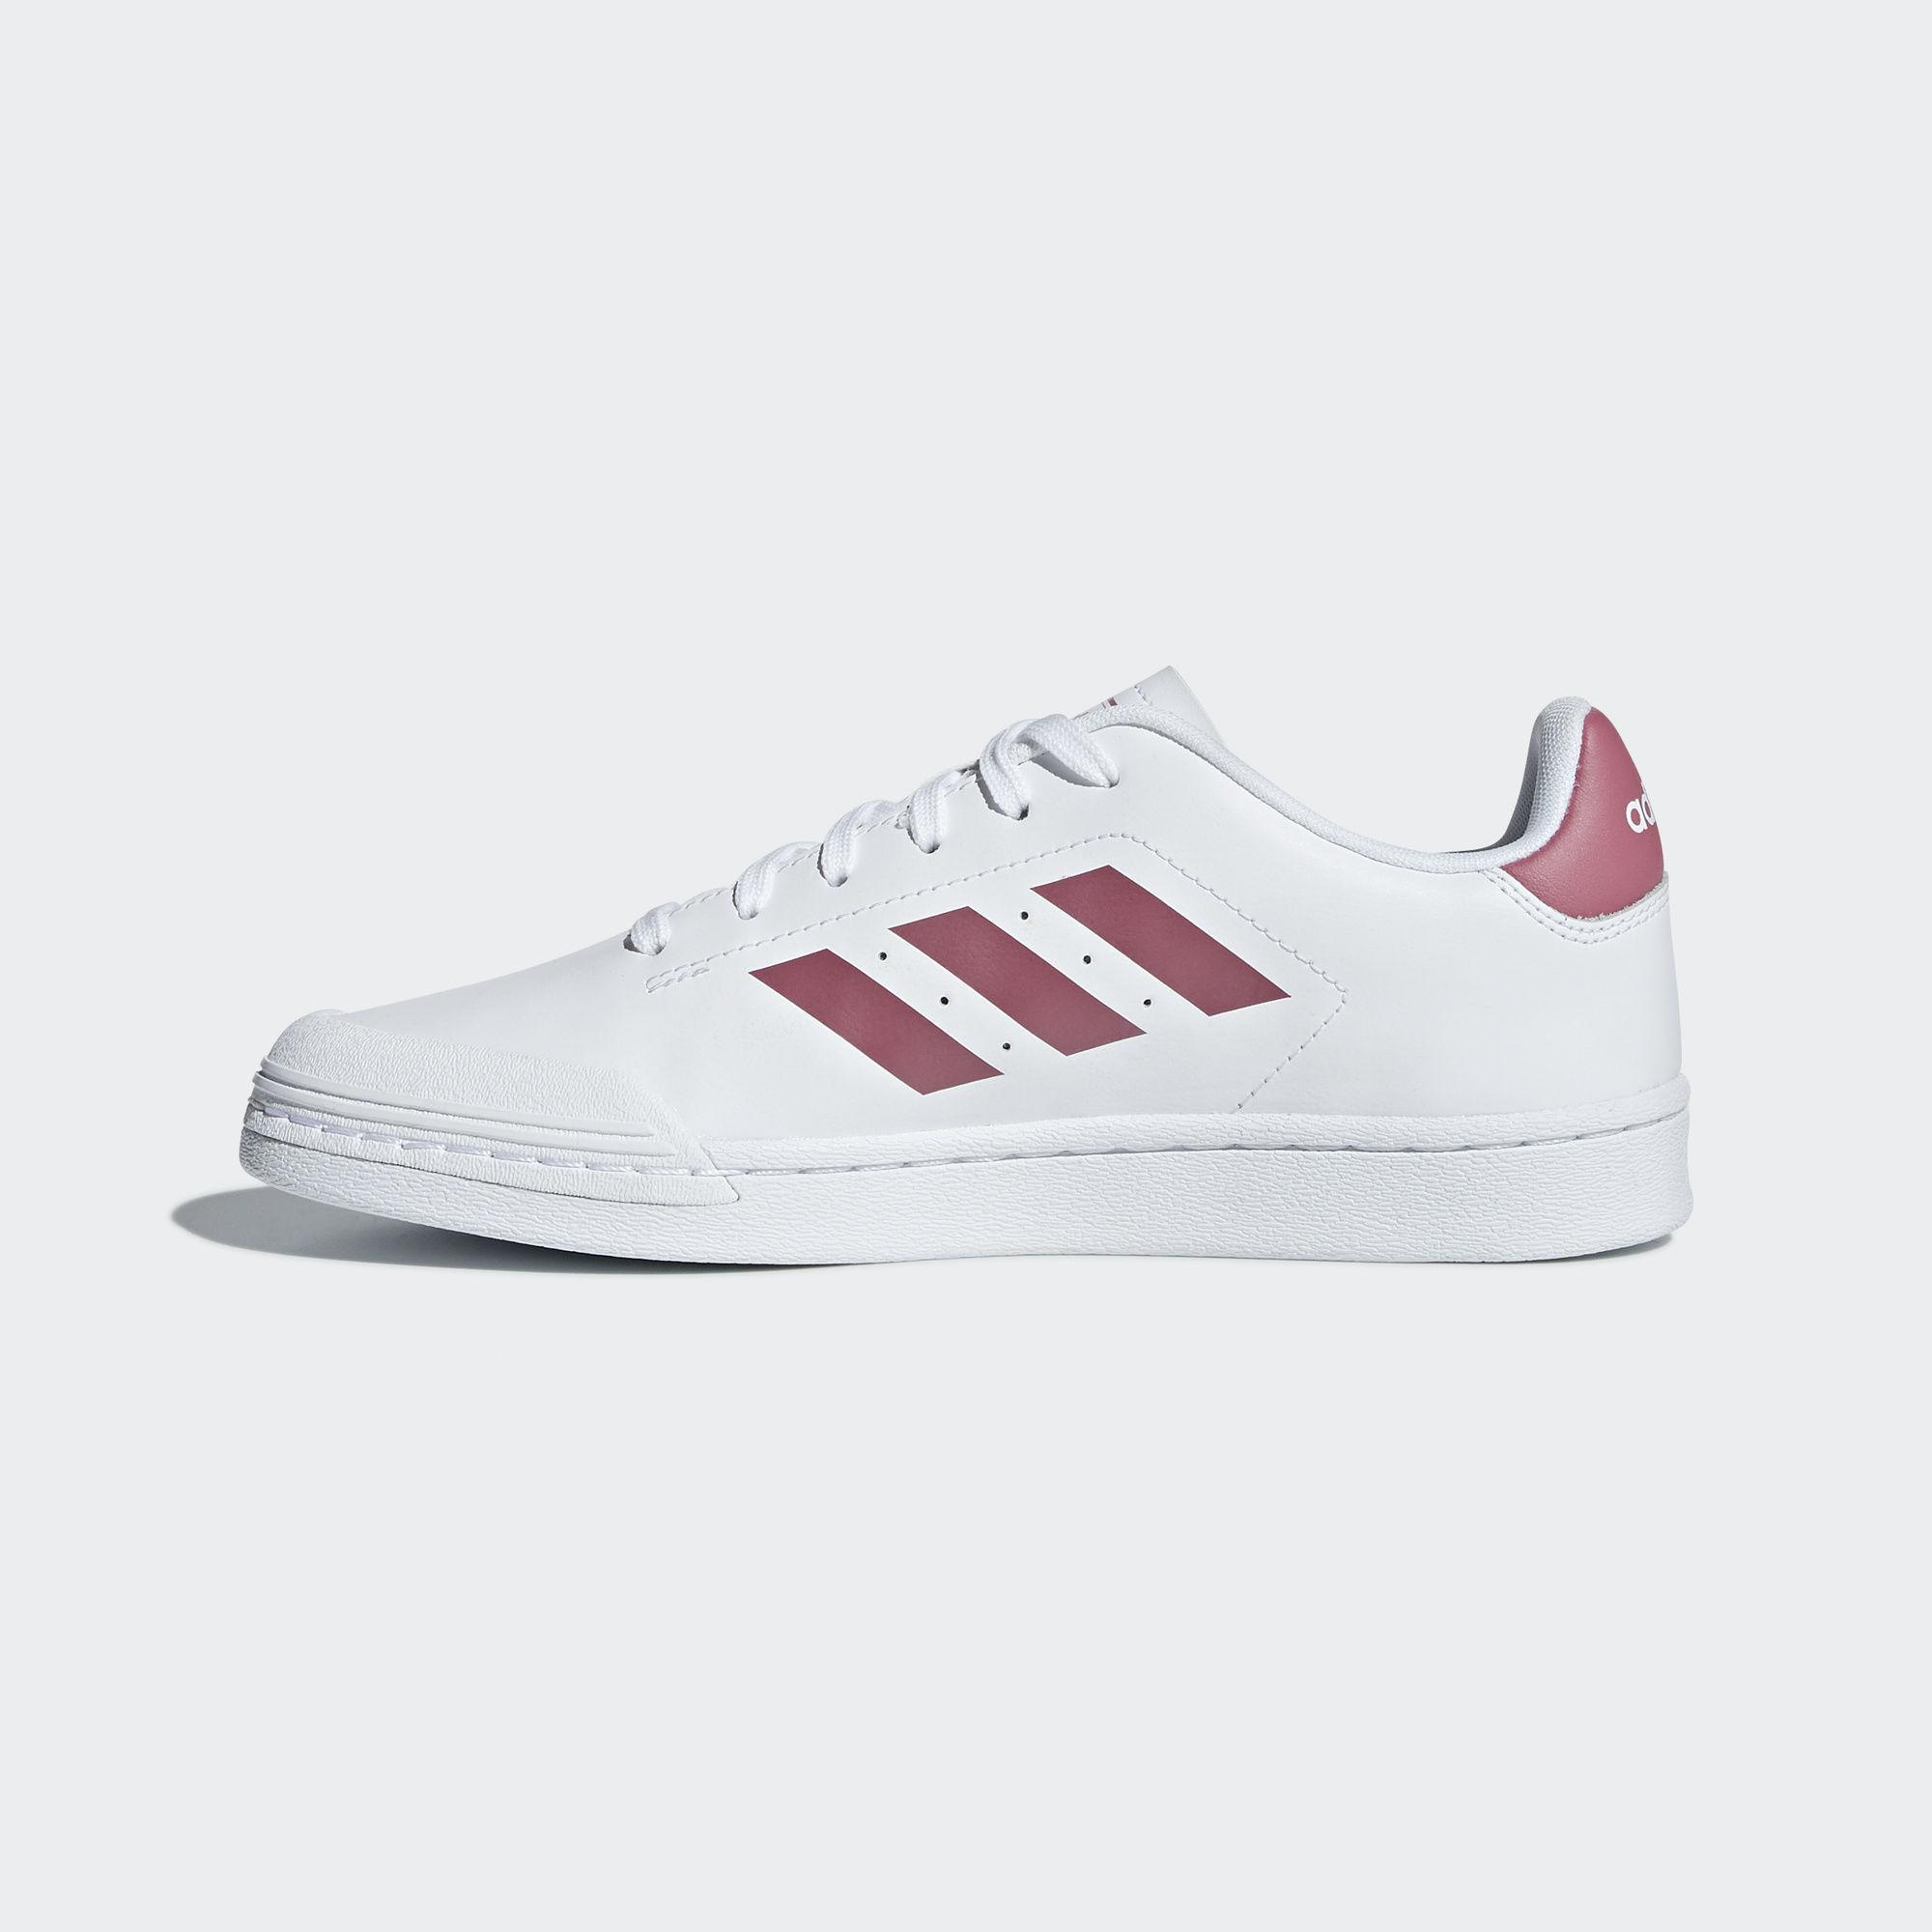 uk availability 50057 c2ac9 Adidas Court 70s Sneaker Damen Ftwr White  Trace Maroon  Cloud White im  Online Shop von SportScheck kaufen